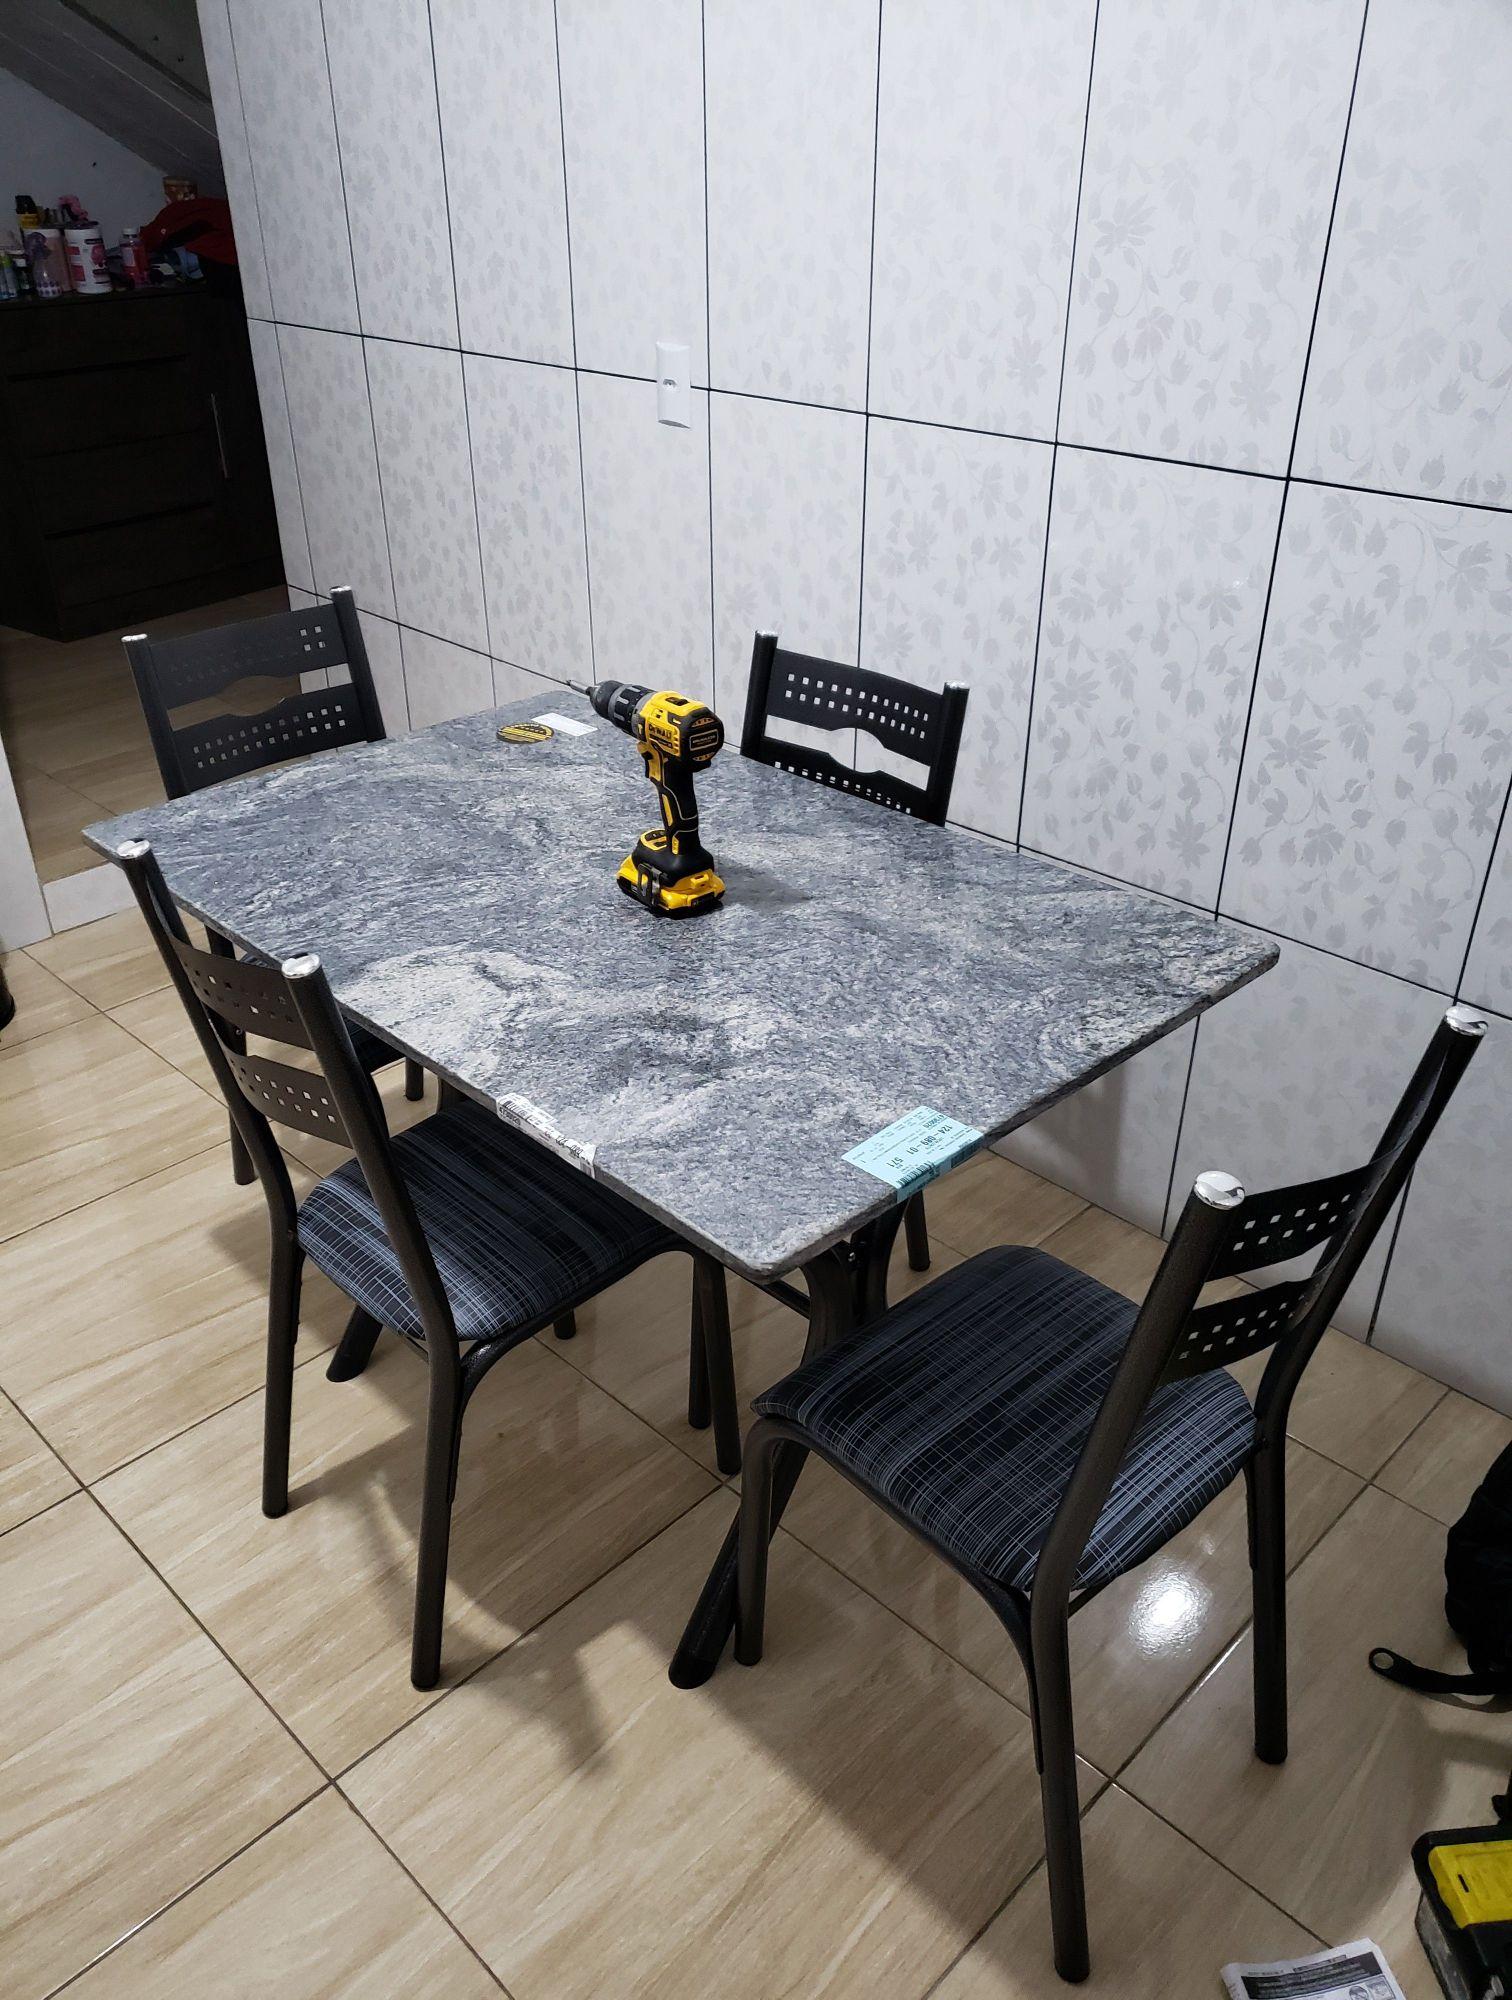 montagem de uma mesa com 4 cadeiras